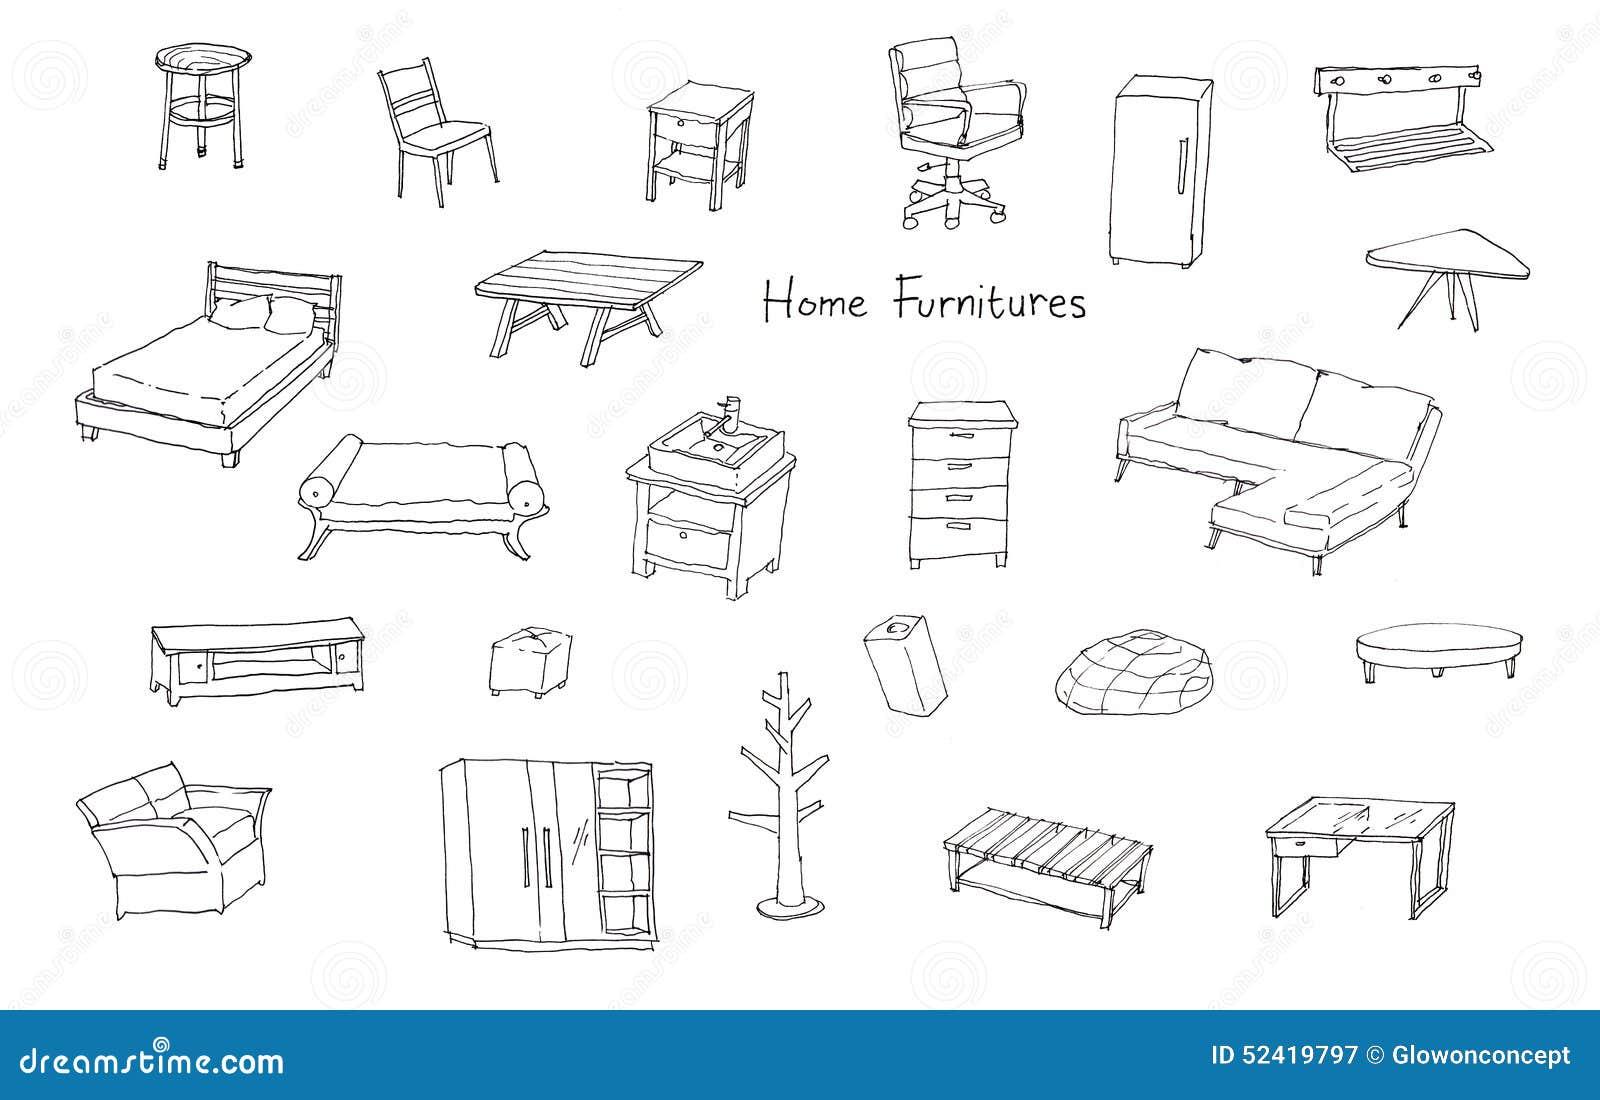 La vari t de meubles la maison modernes remettent l for Ameublement de maison